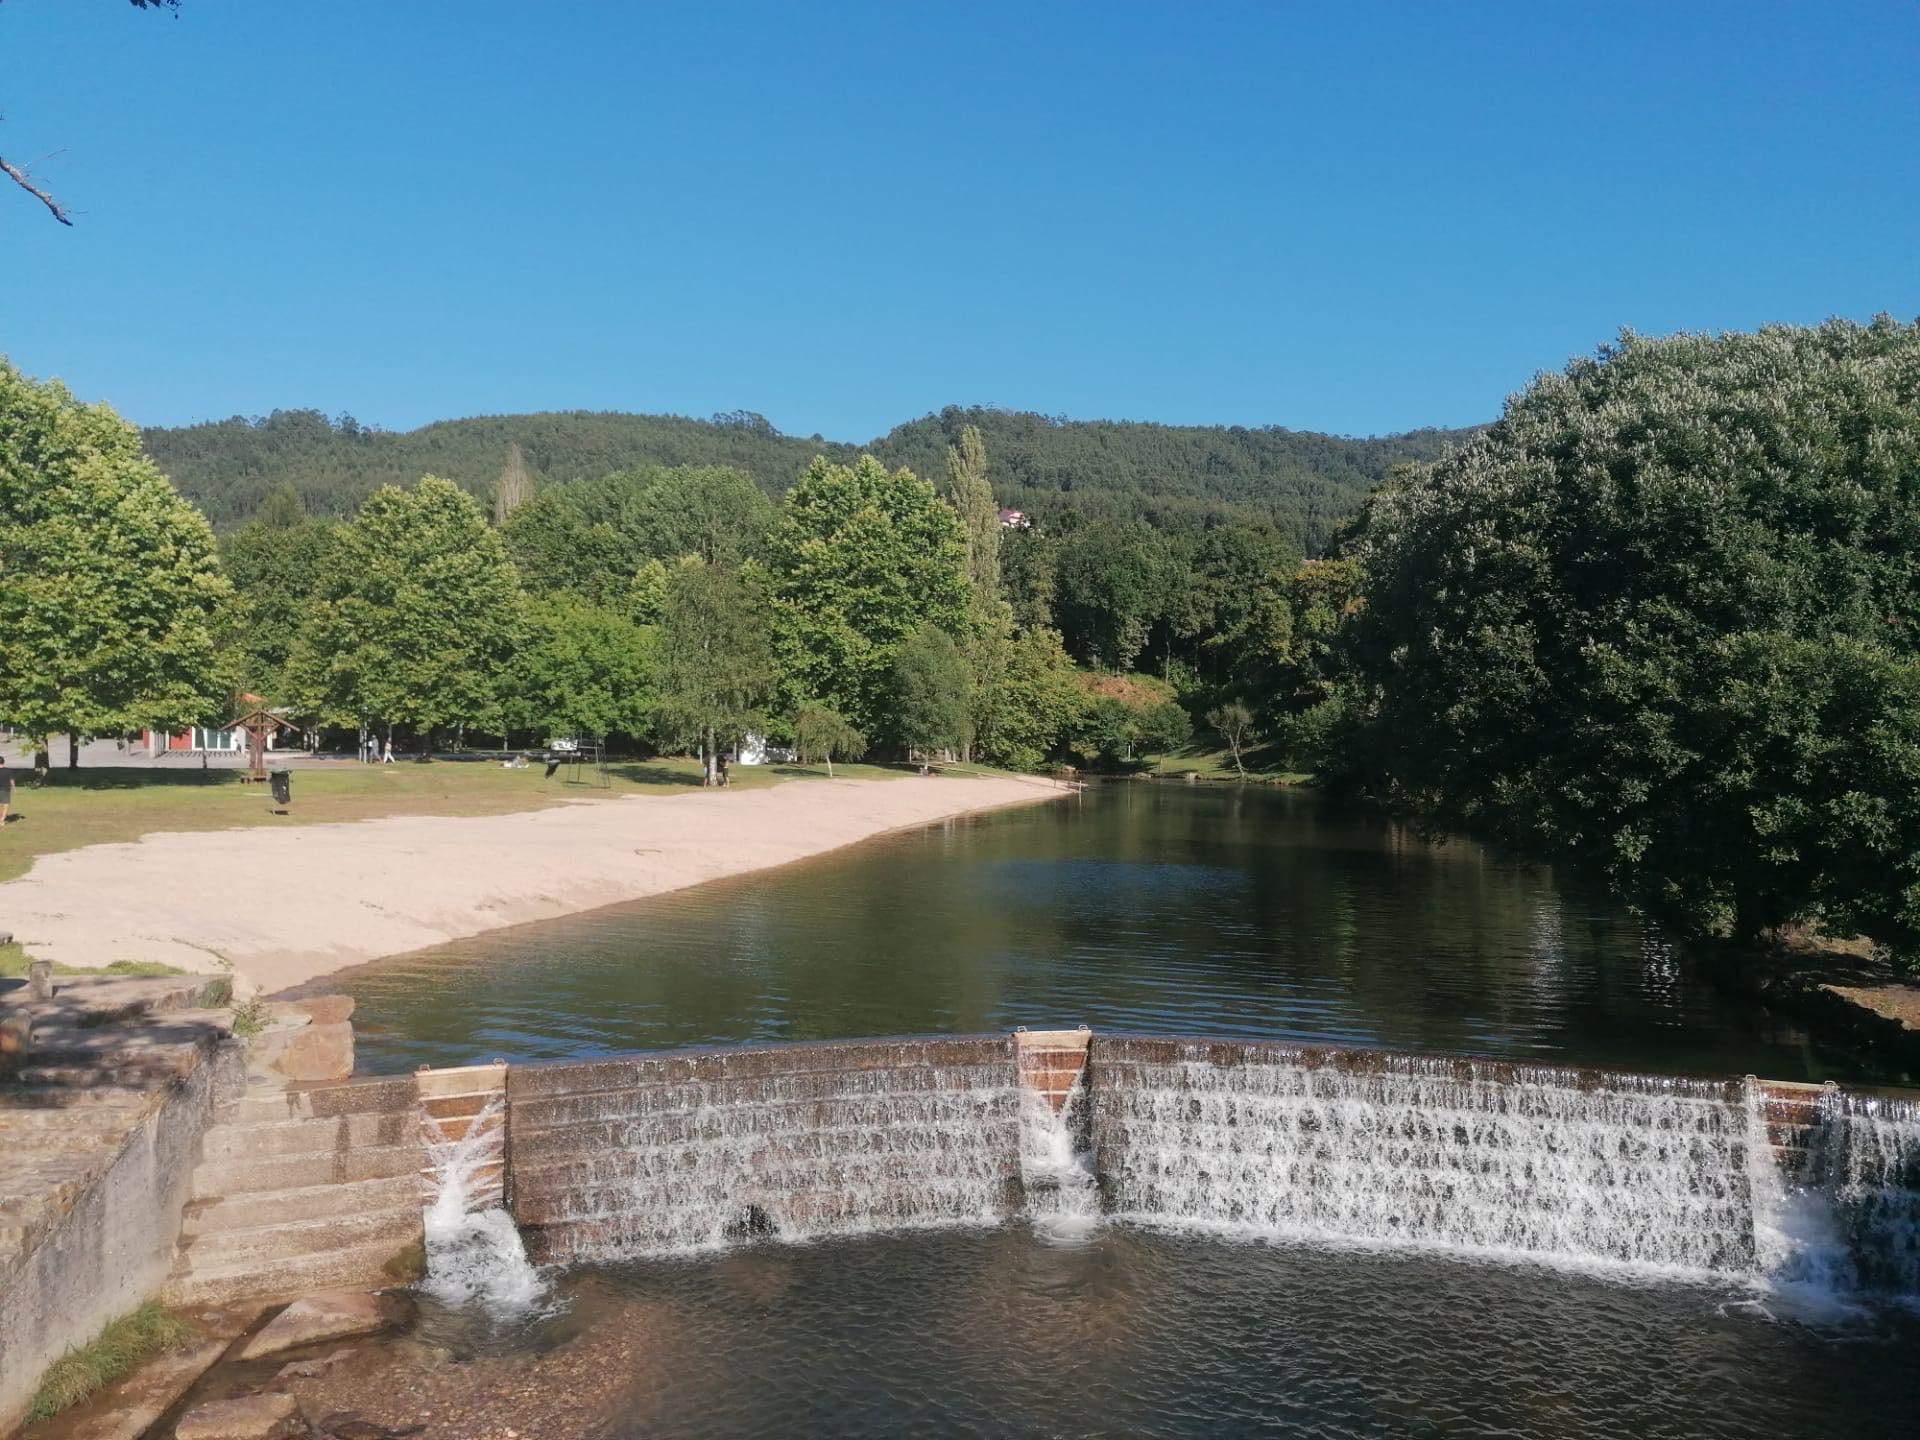 Já iniciou a época balnear nas praias fluviais de Vale de Cambra